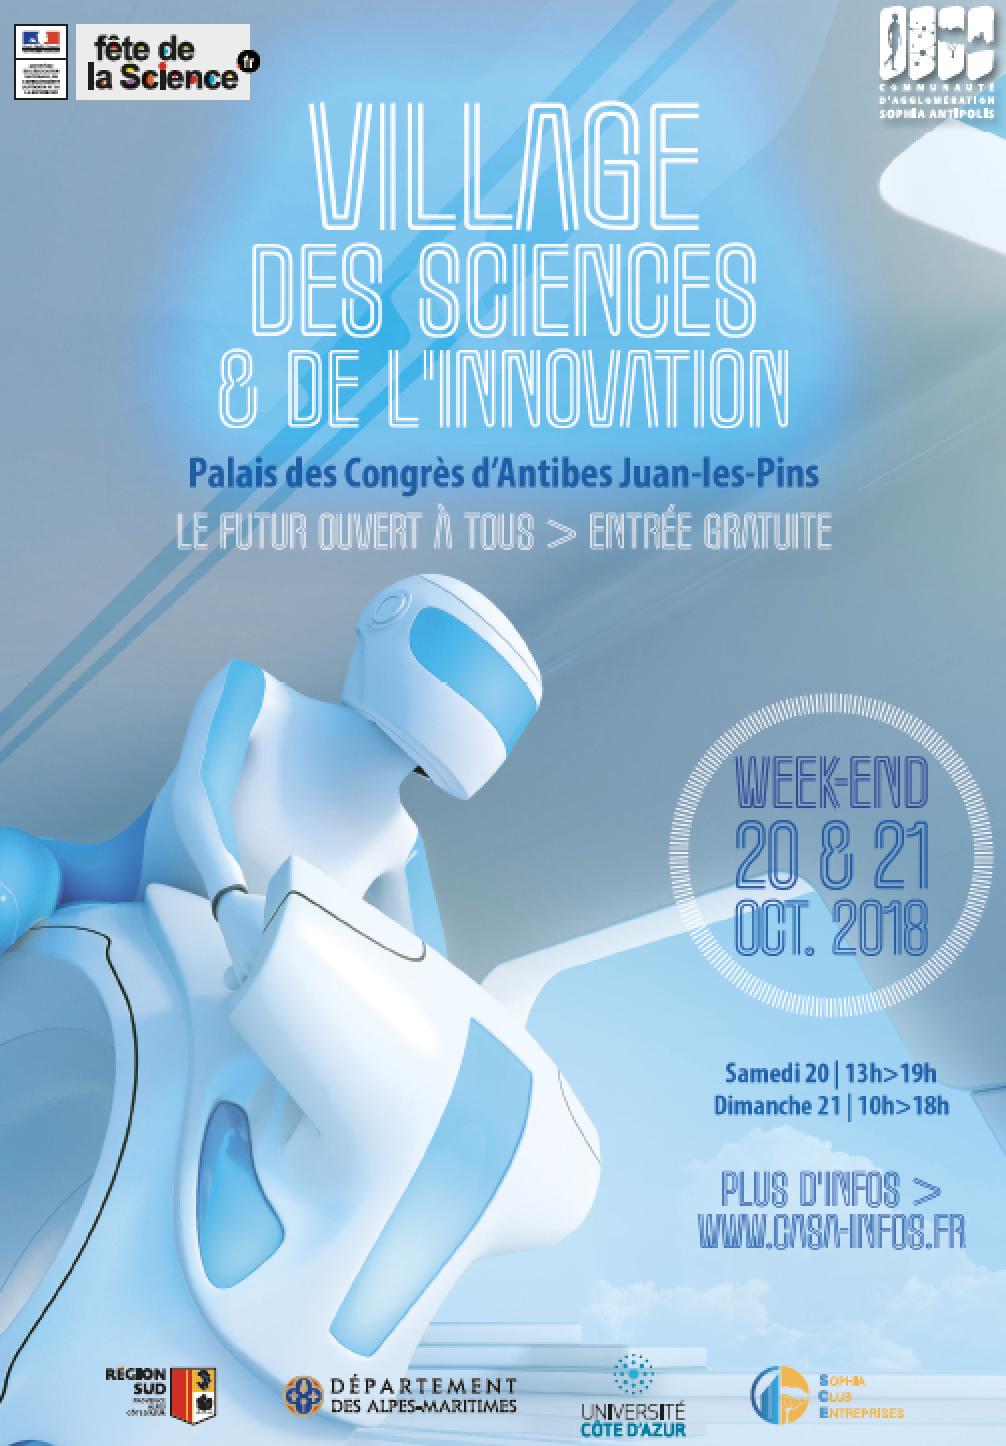 Affiche du Village Sciences et Innovation 2018